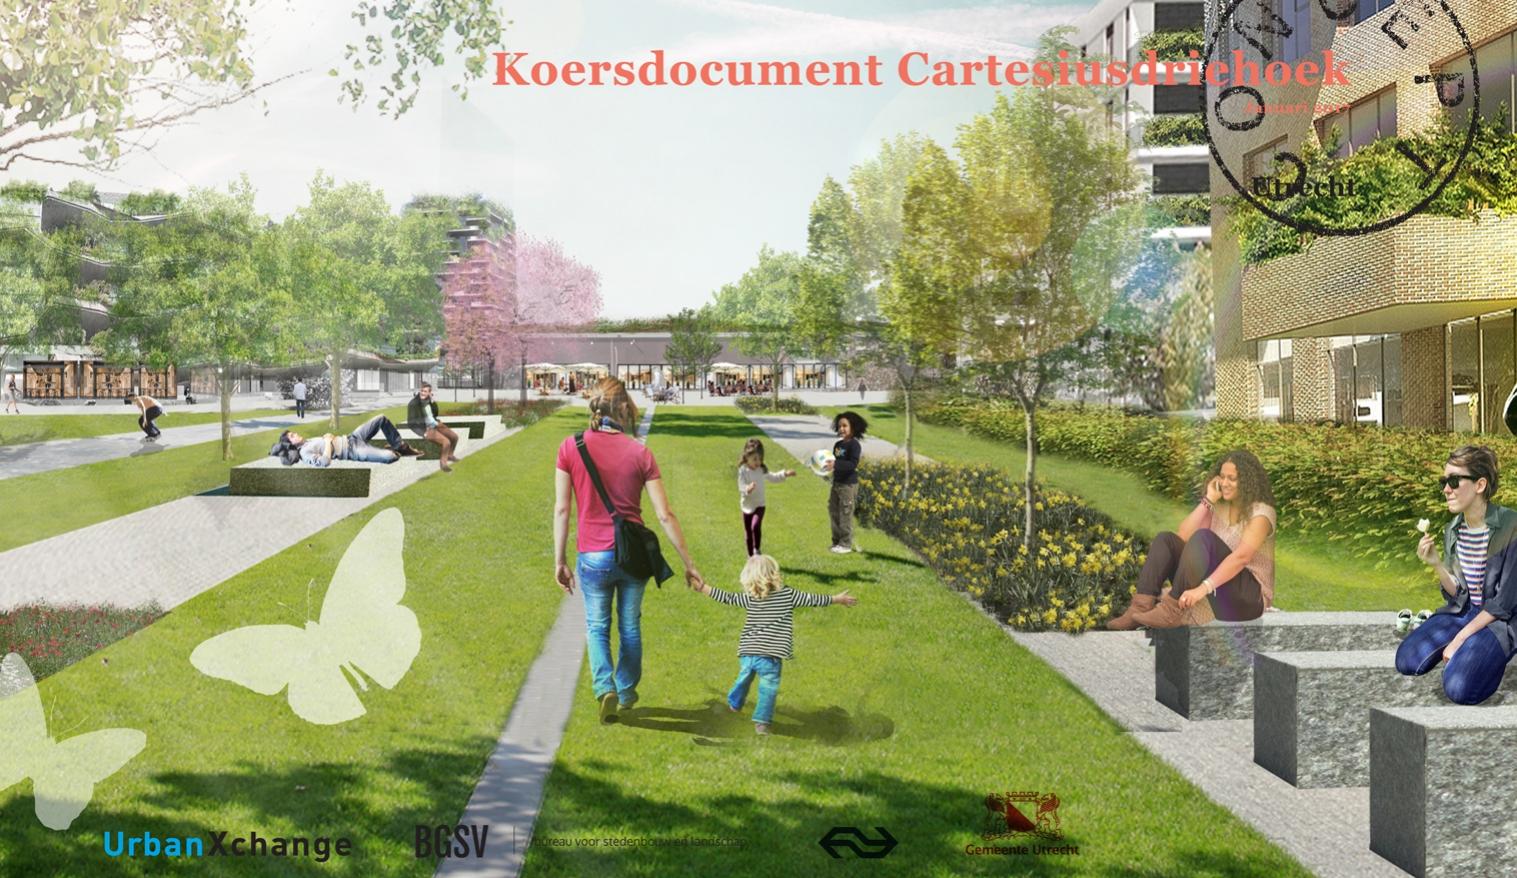 04 UrbanXchangeBGSV_Cartesius Utrecht-1516×878-72dpi